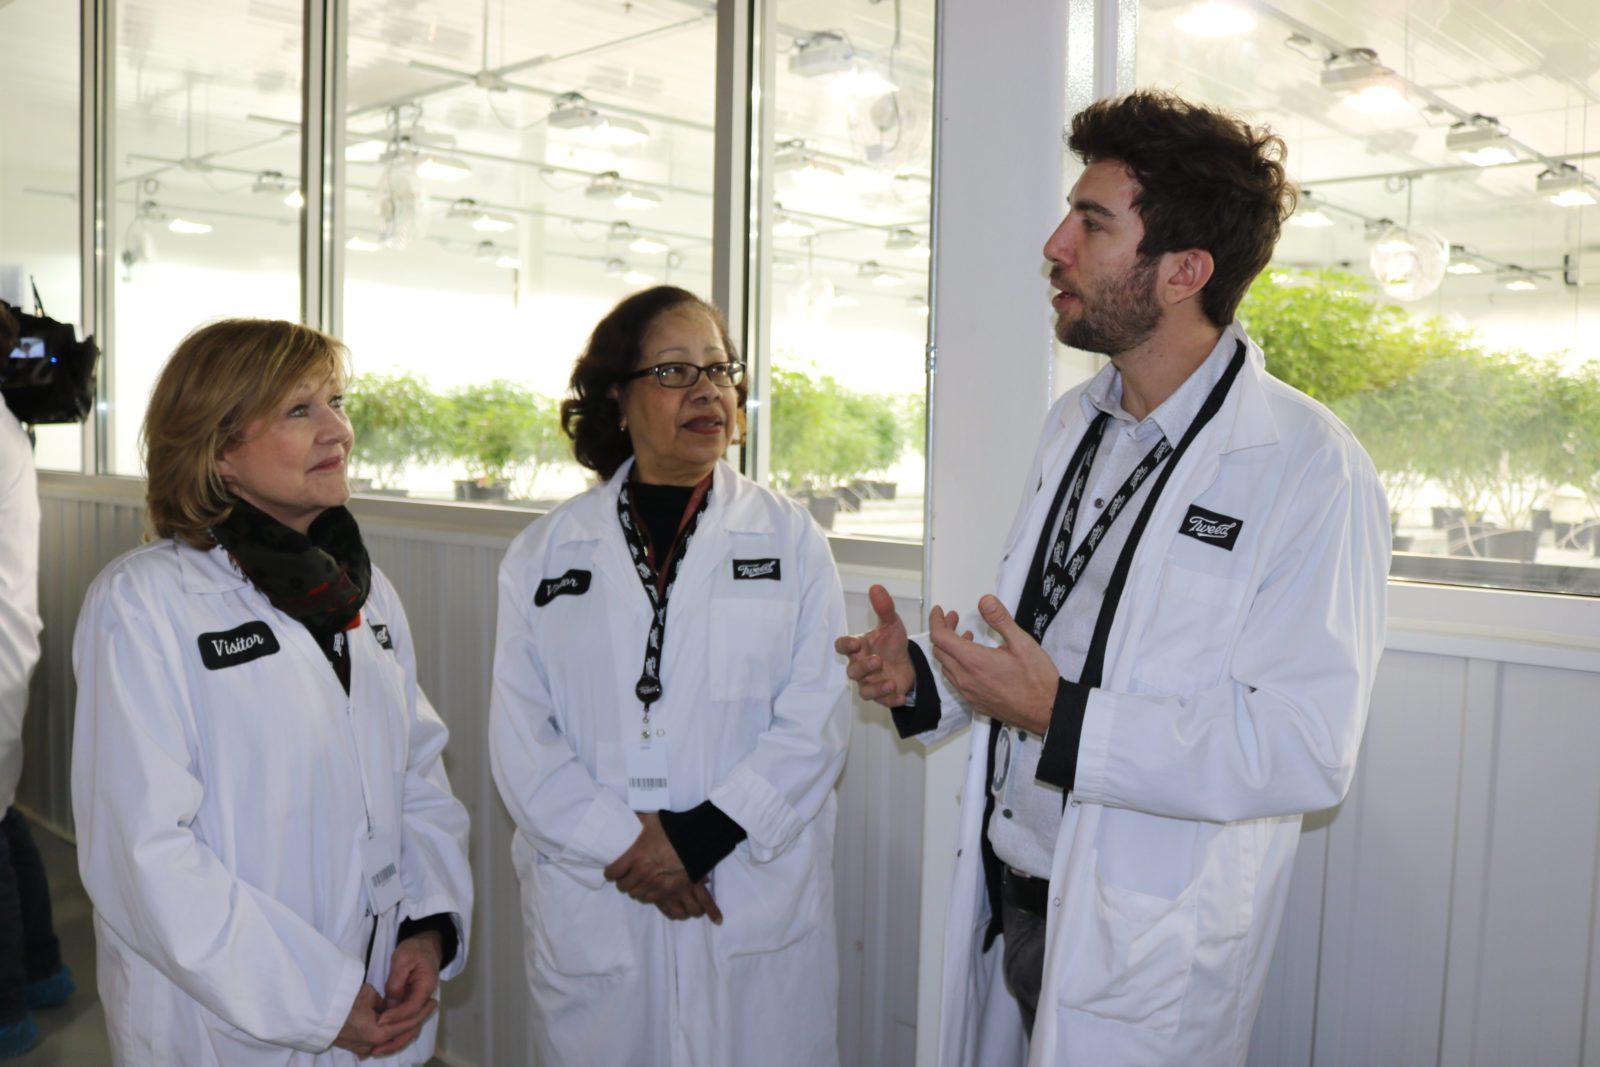 Des sénateurs visitent un établissement de production de cannabis autorisé